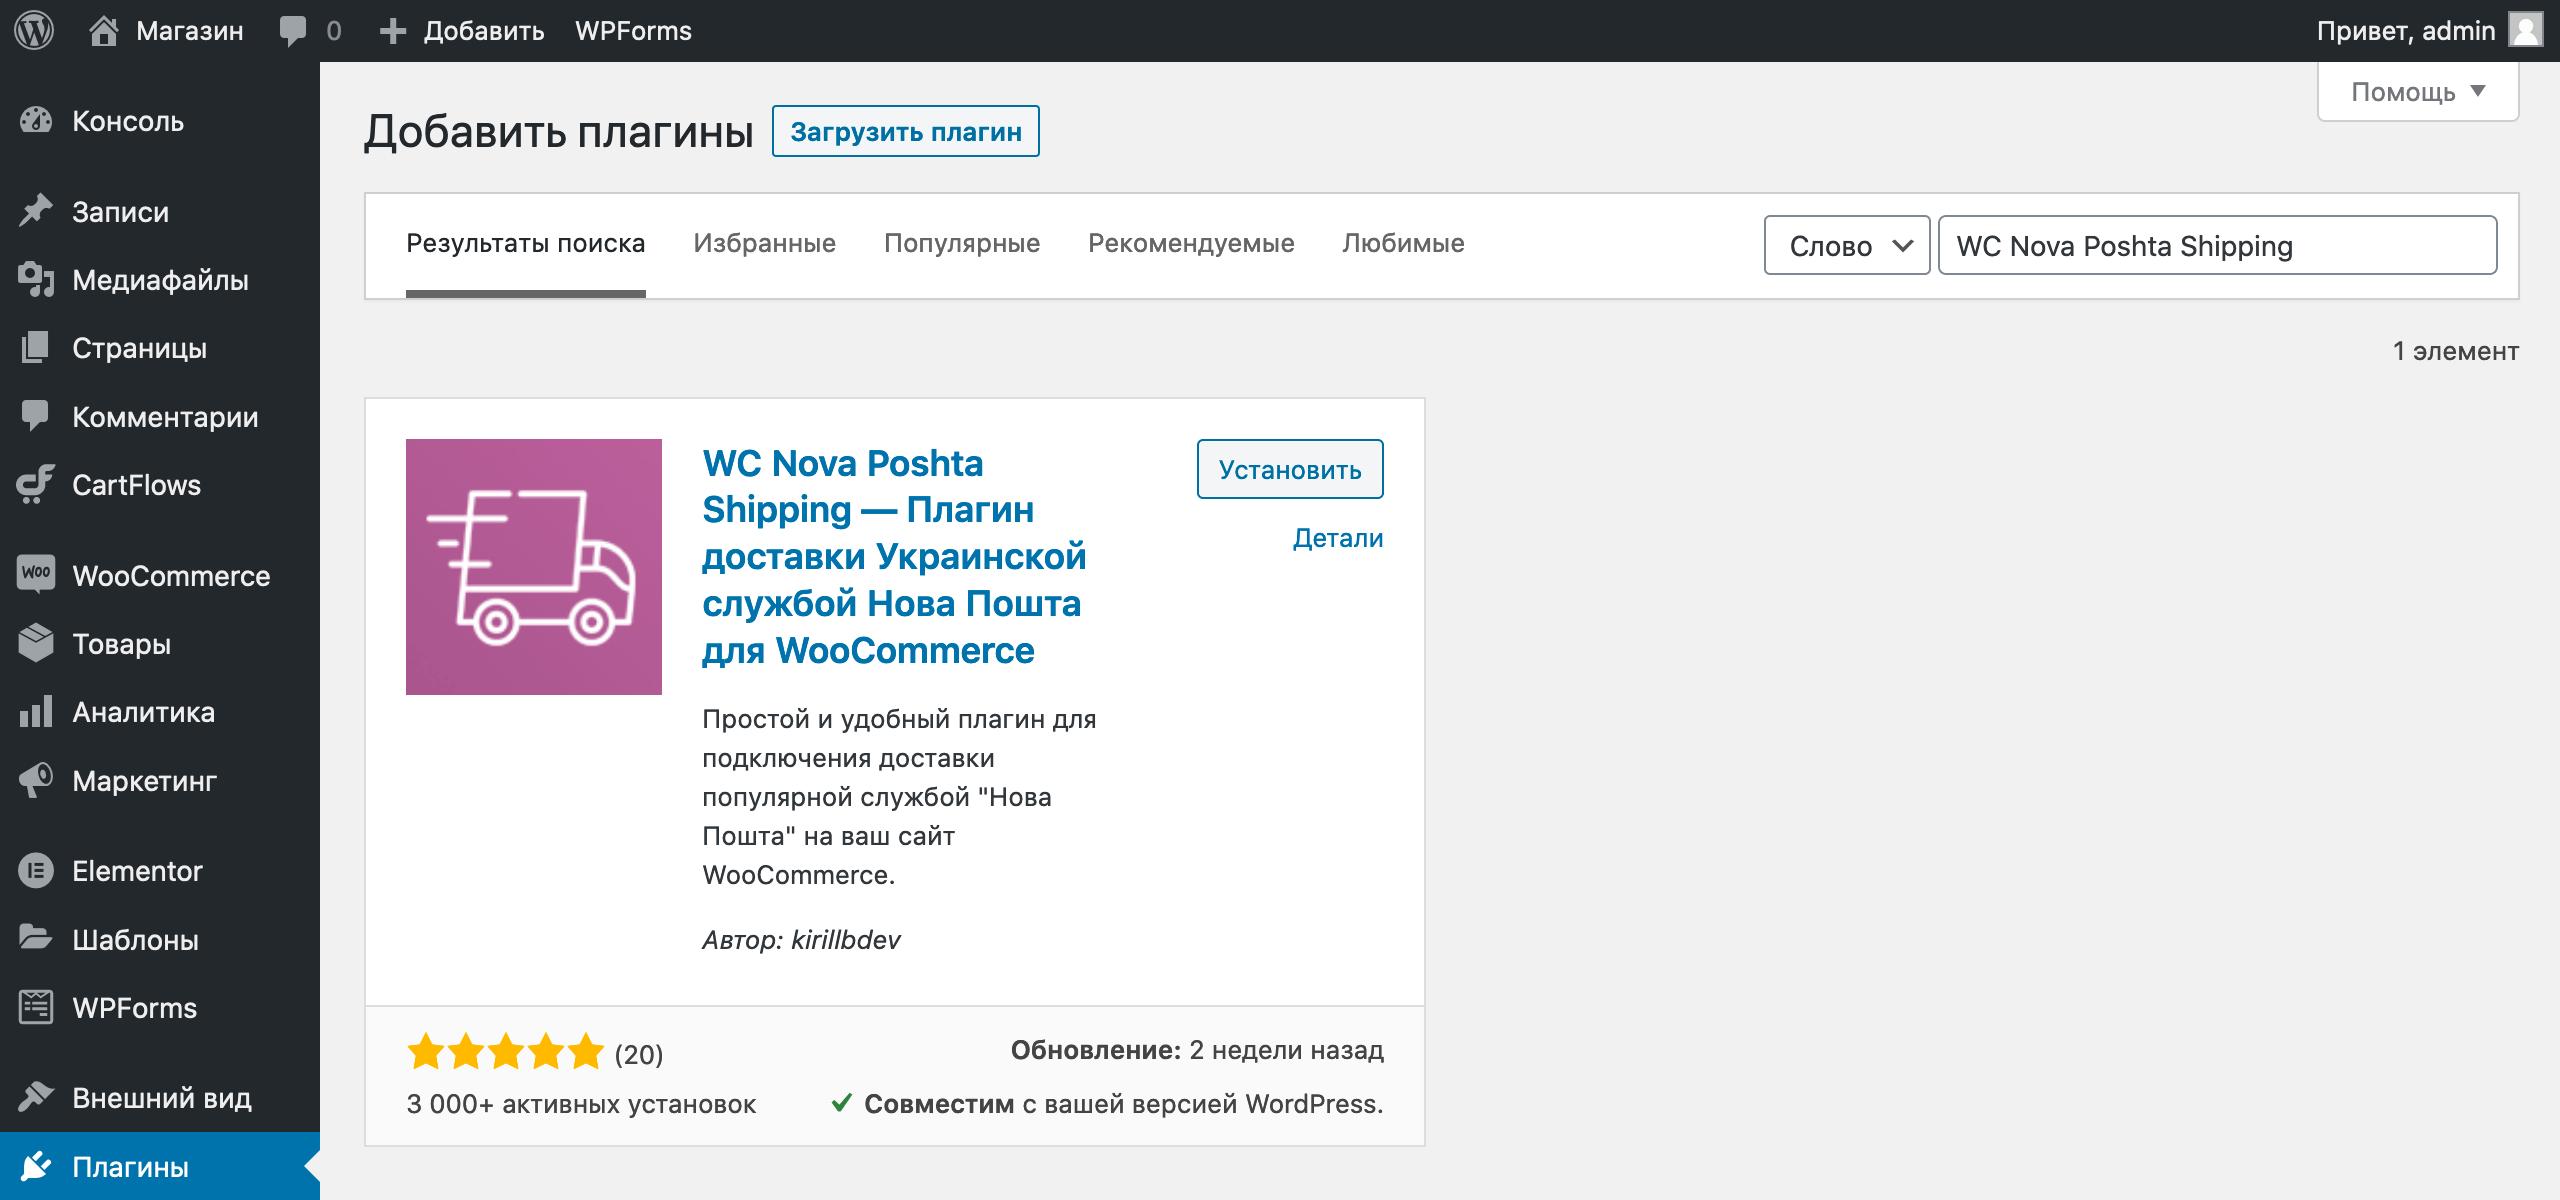 Интернет-магазин на Вордпресс: плагин WC Ukr Poshta Shipping